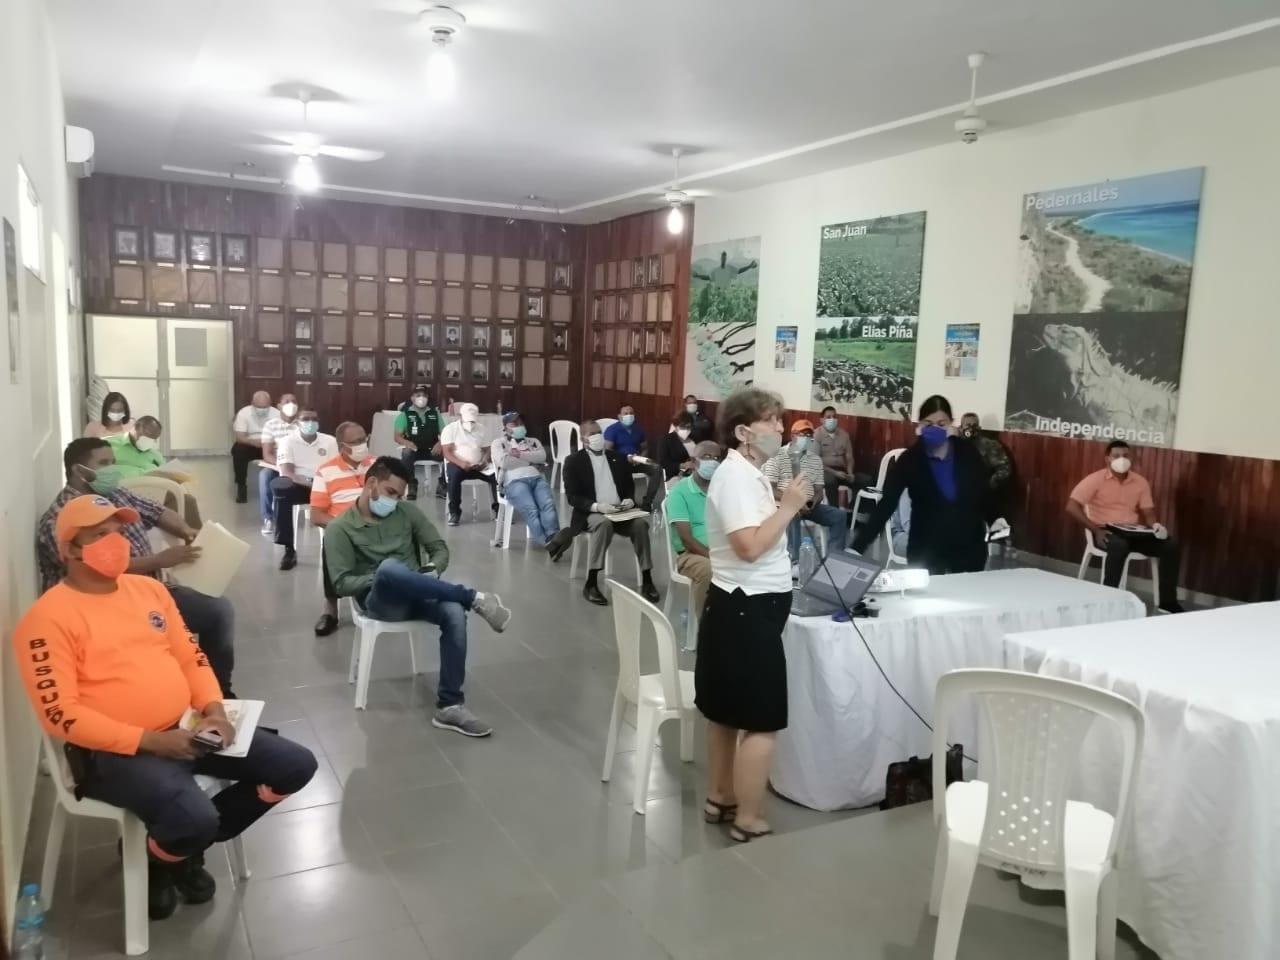 elena nunziatini del cluster de barahona durante el encuentro con autoridades de la provincia